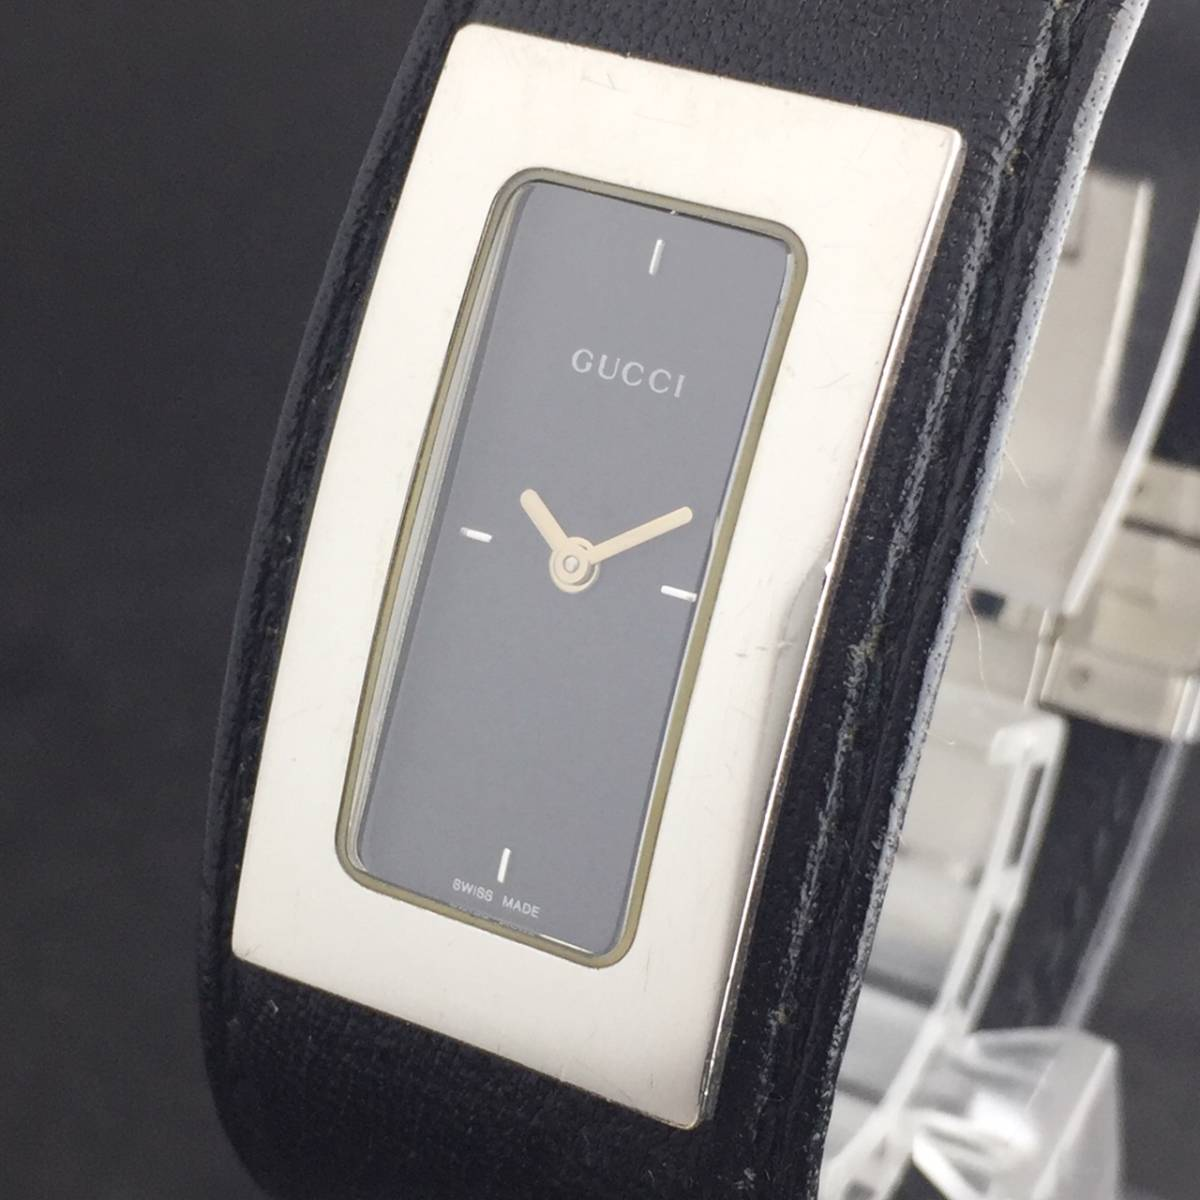 【1円箱付】GUCCI グッチ 腕時計 レディース 7800S レザー ブラックダイヤル スクエア 可動品